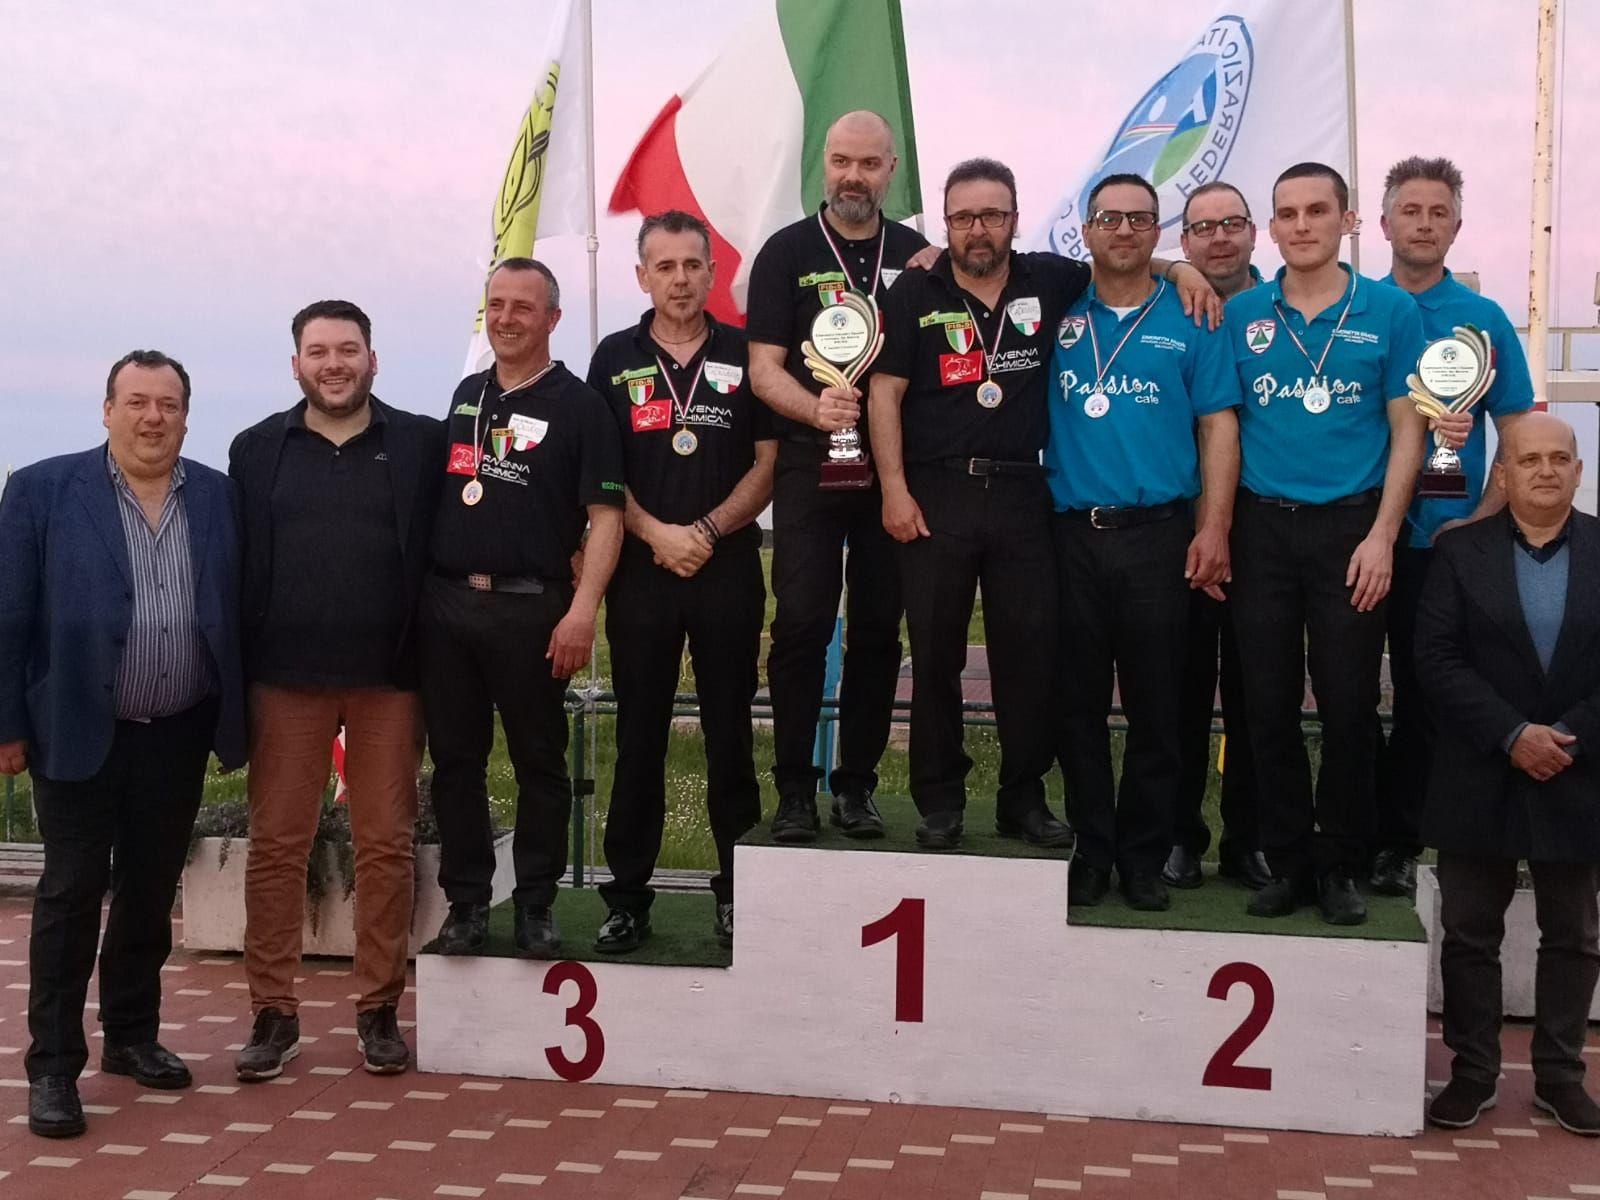 Finalisti campionati italiani di terza categoria